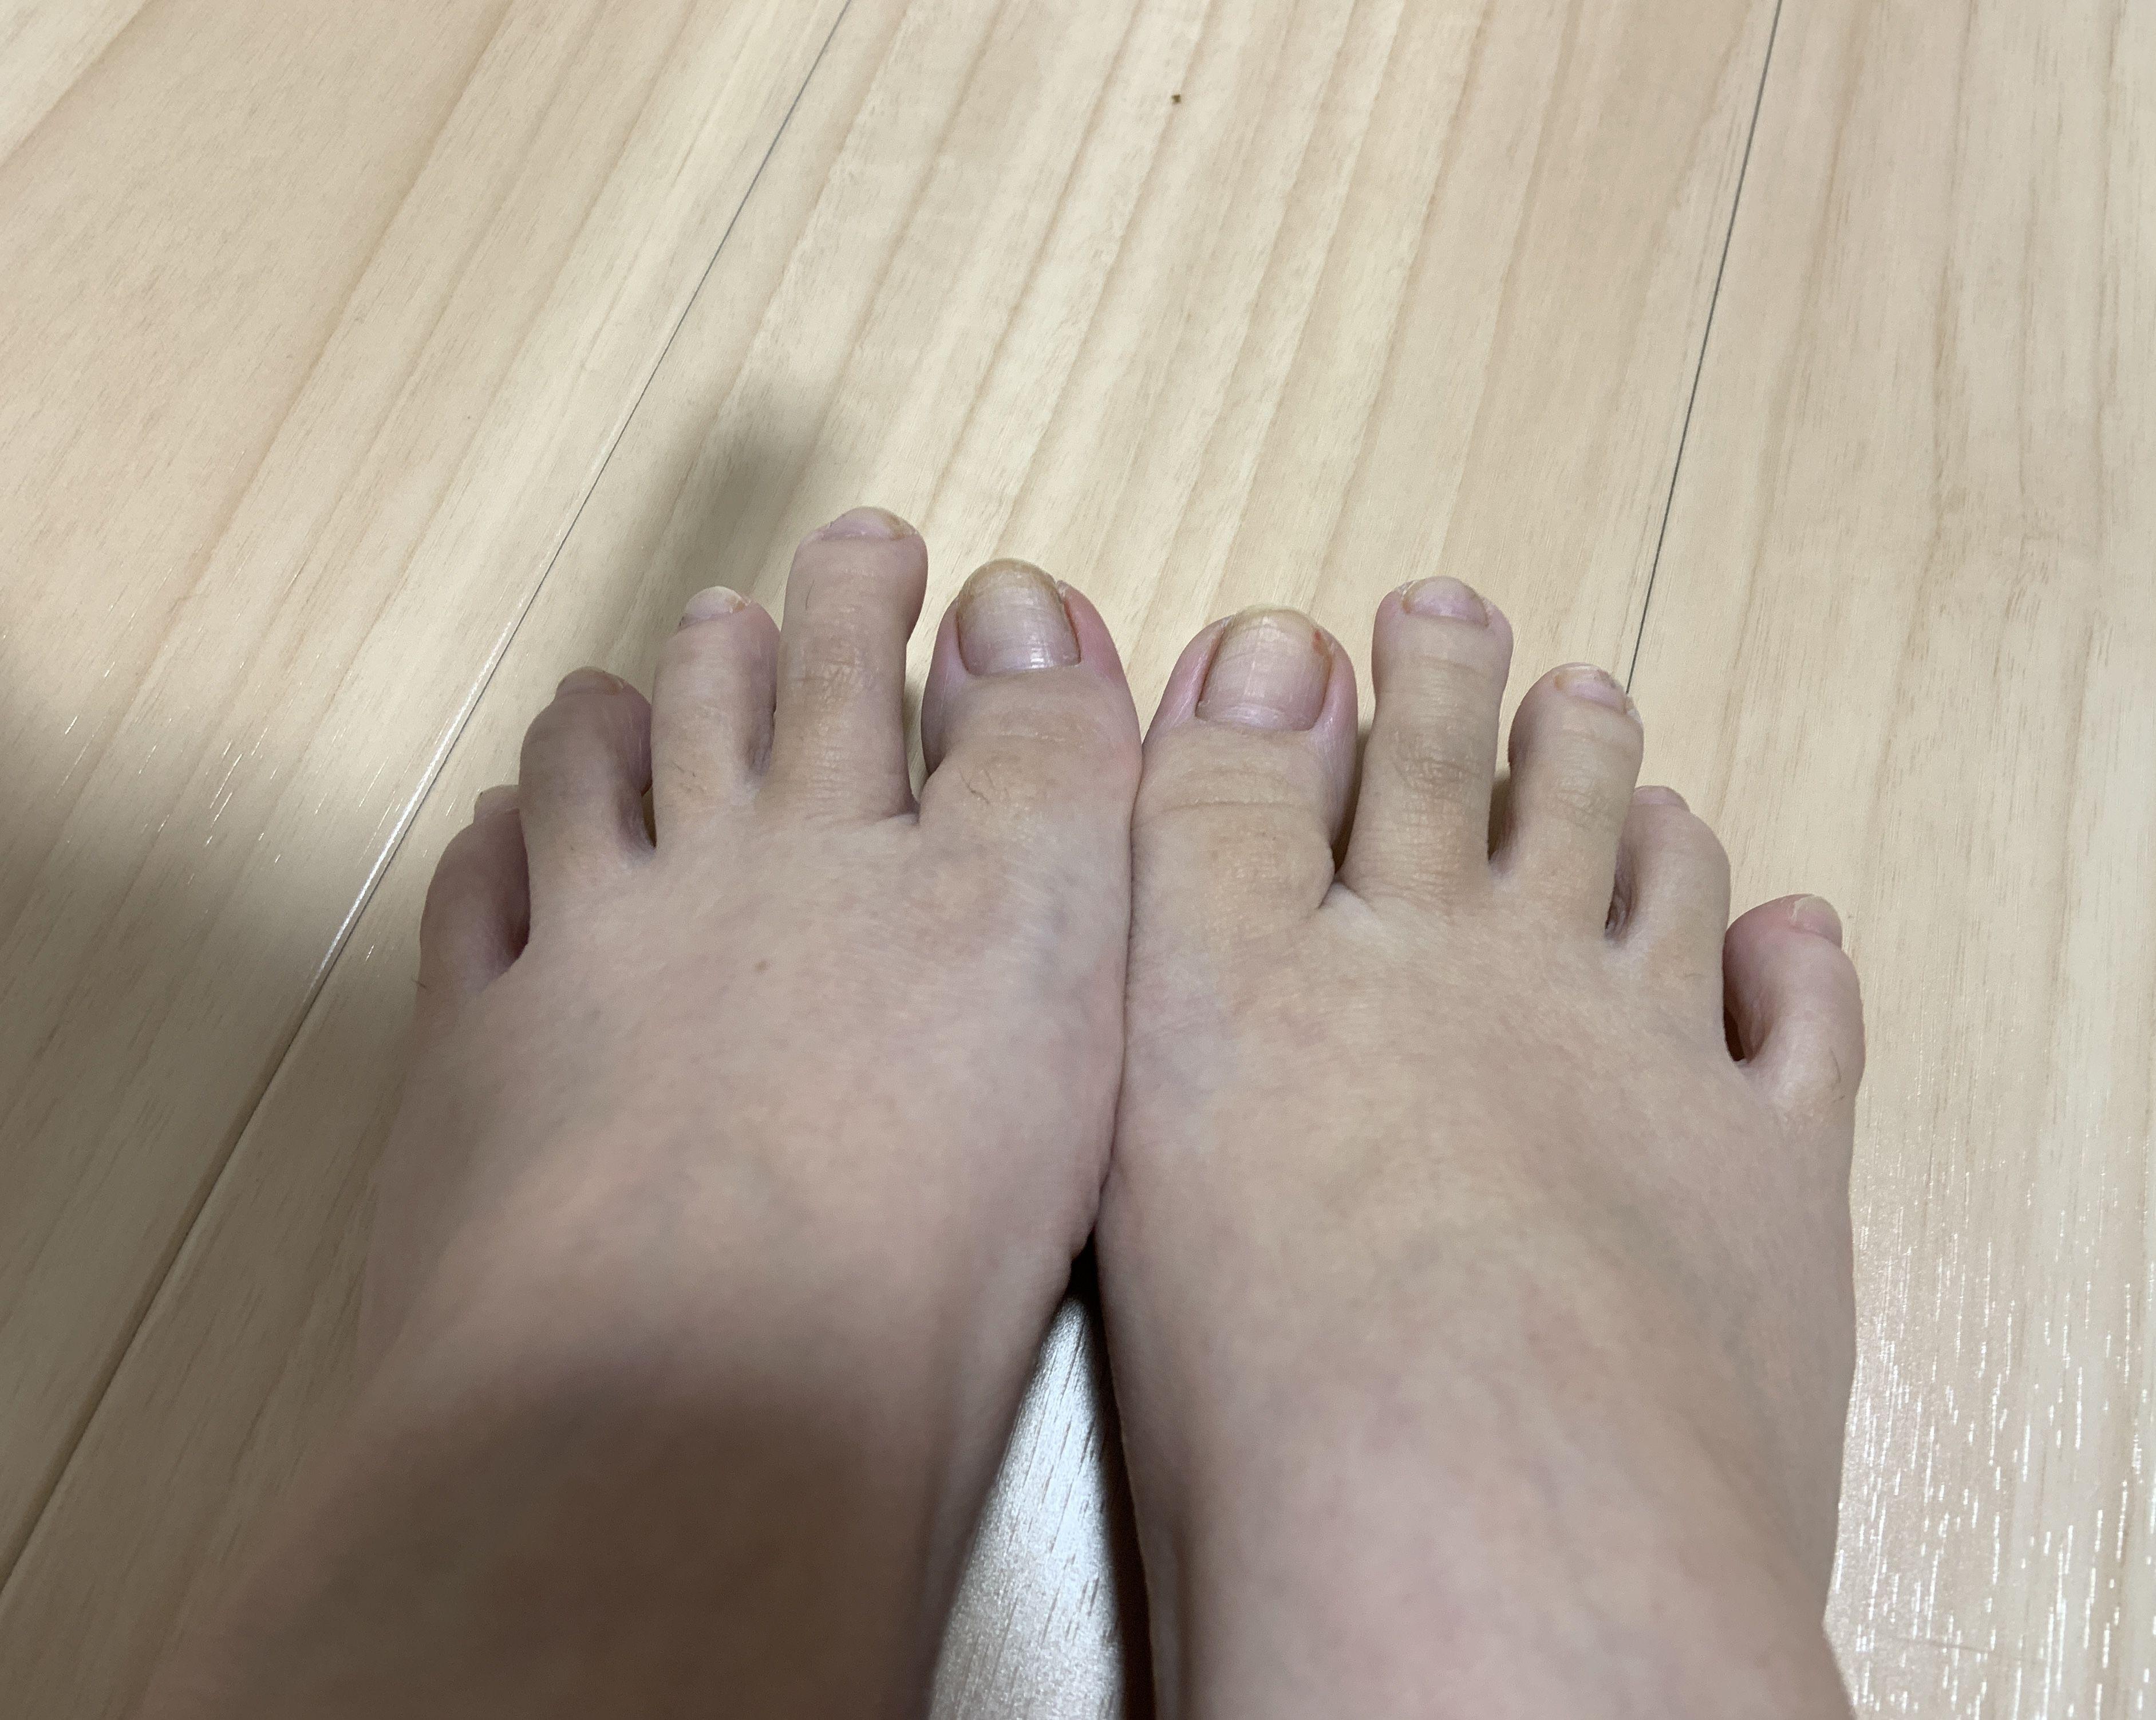 普通の女の子の足の指毛抜き-スマホ自撮り◎あんな(26歳)OL サンプル画像03